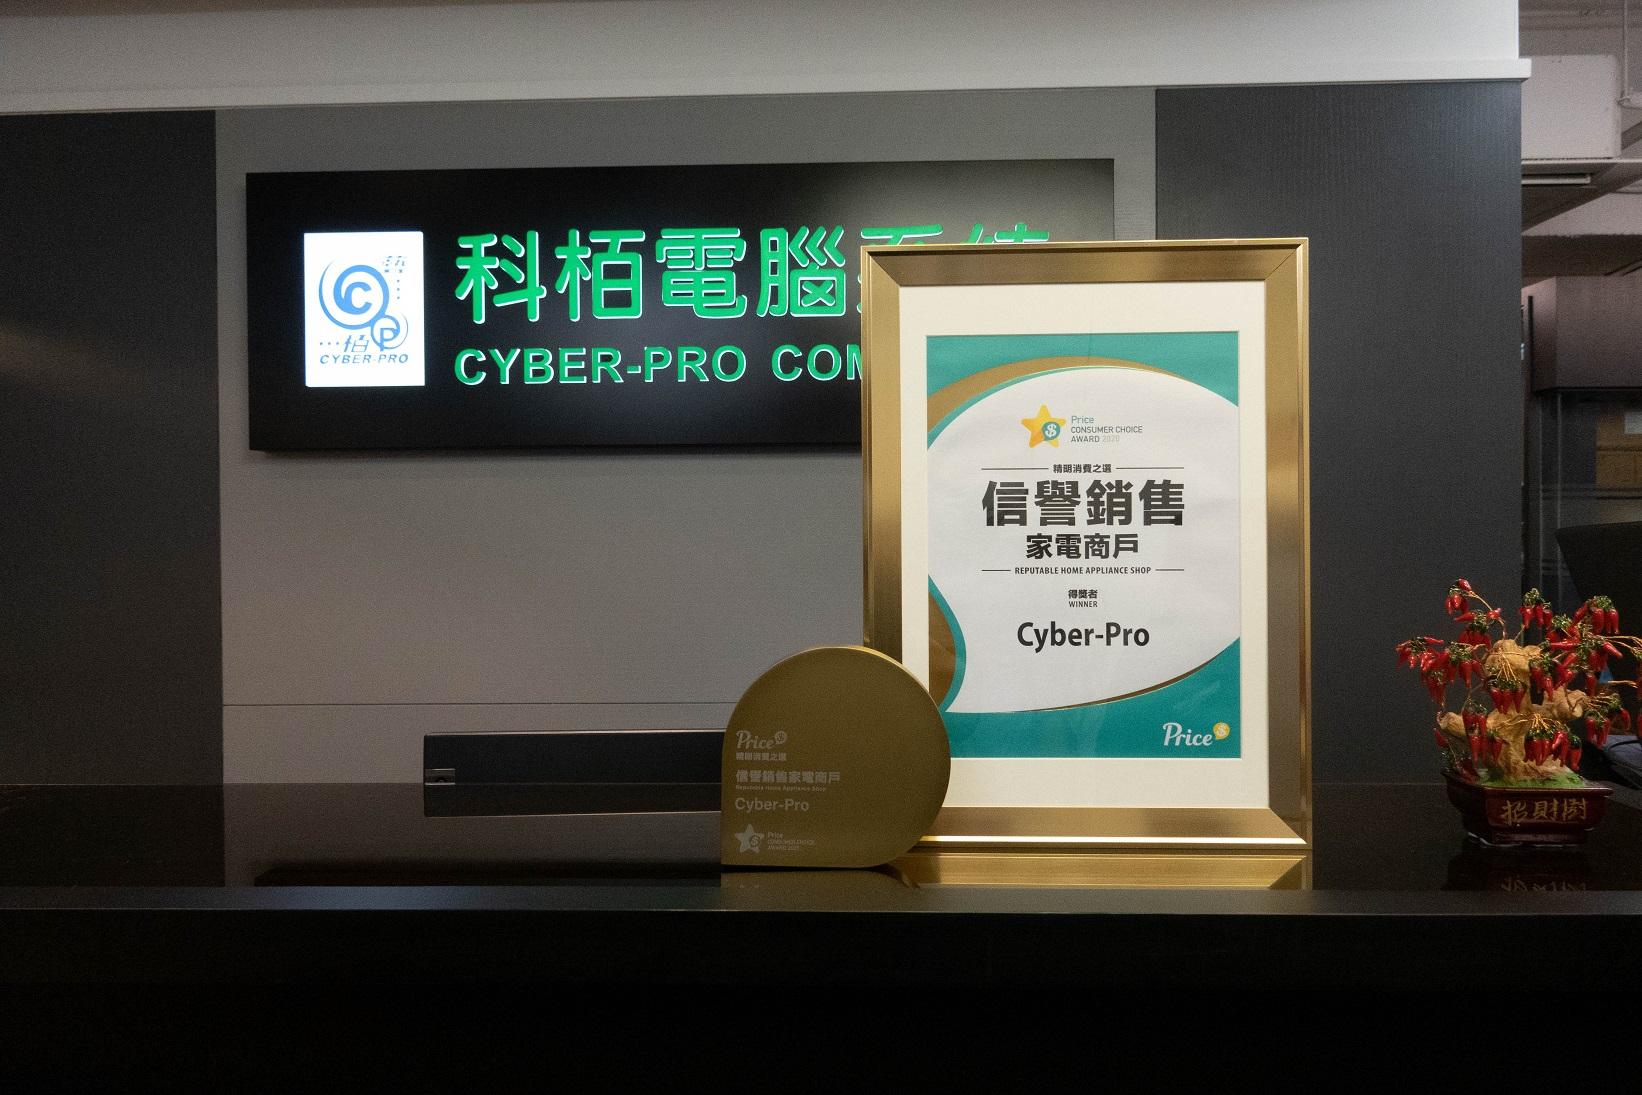 Cyber Pro